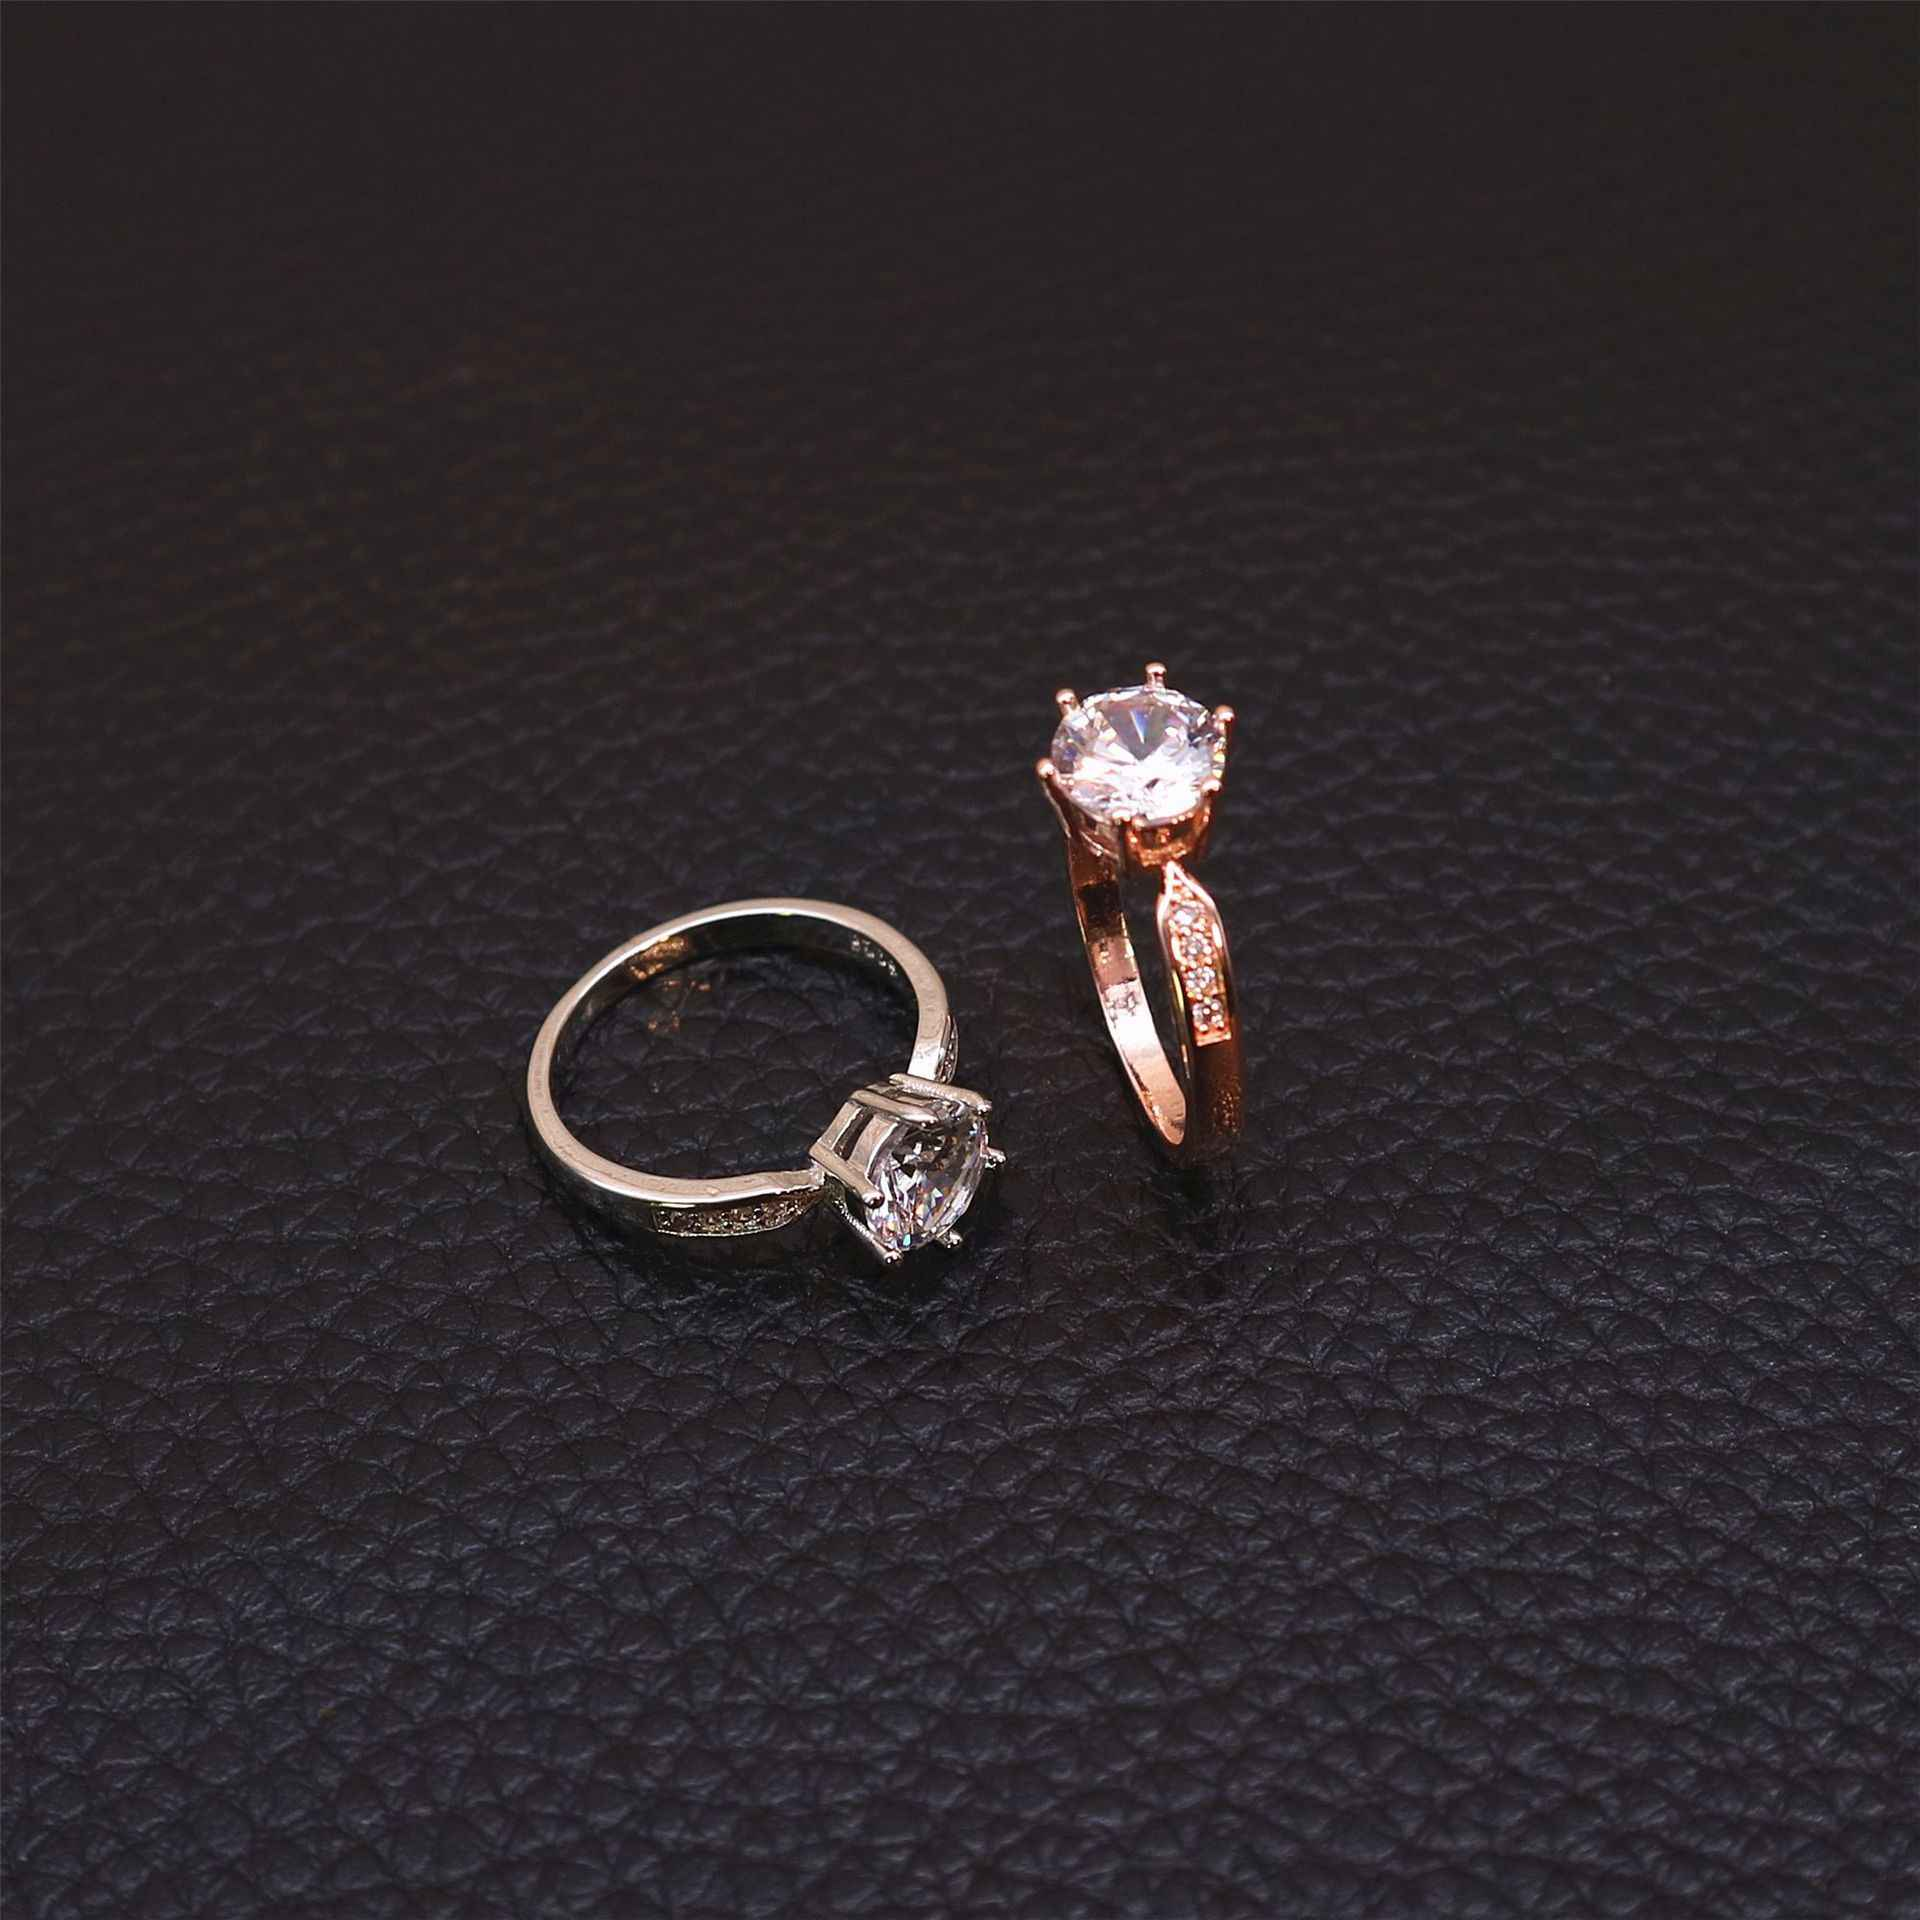 1pcs ขาย Zircon แหวนหมั้นสำหรับผู้หญิง Rose Gold สีแหวนหญิง Anel คริสตัลออสเตรียเครื่องประดับคุณภาพสูง